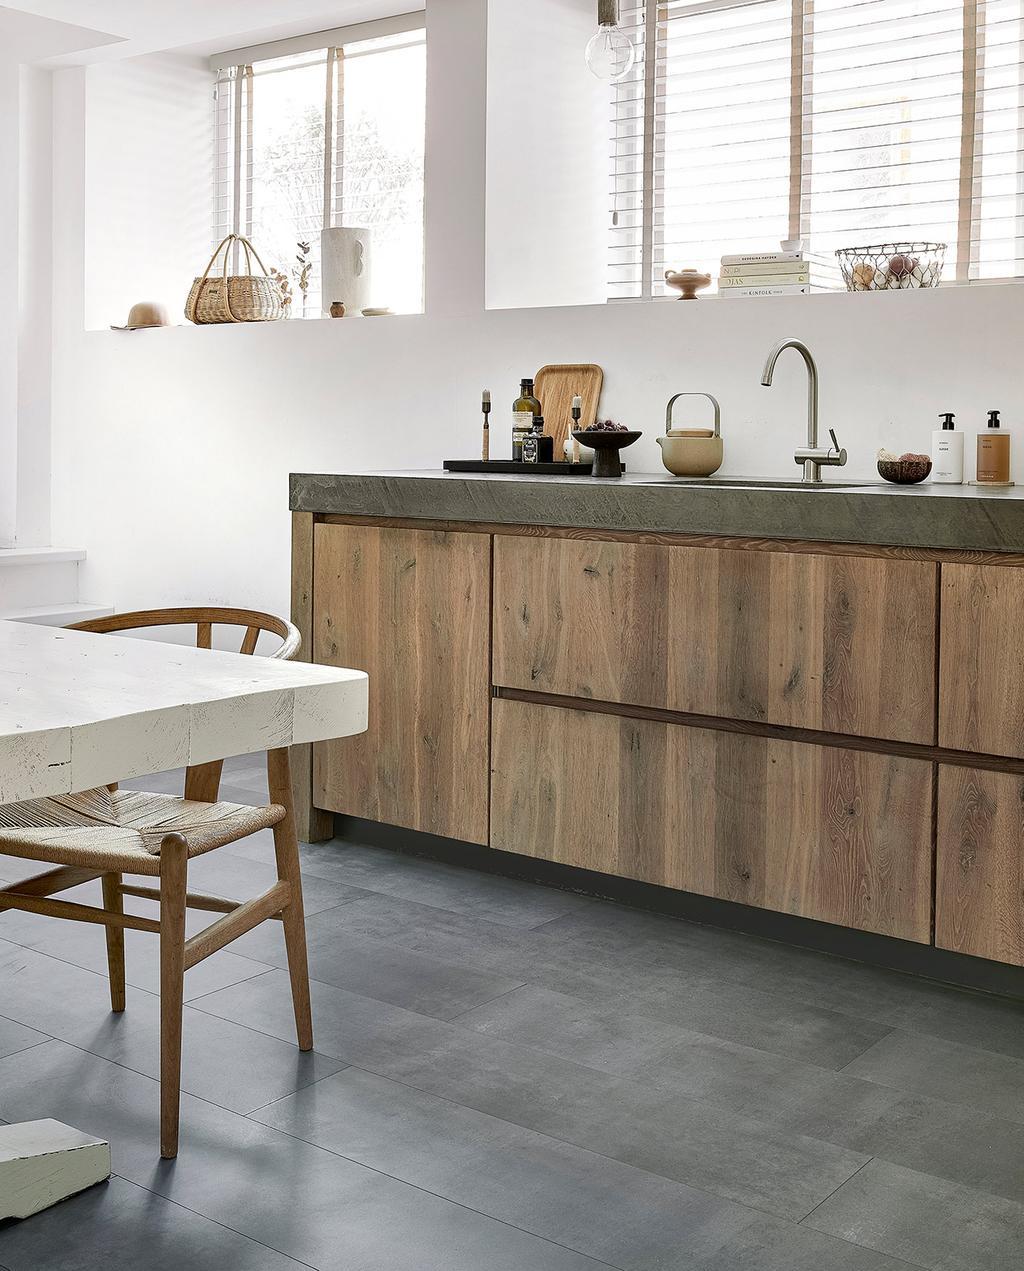 vtwonen 08-2021 | houten keuken met evc vloer